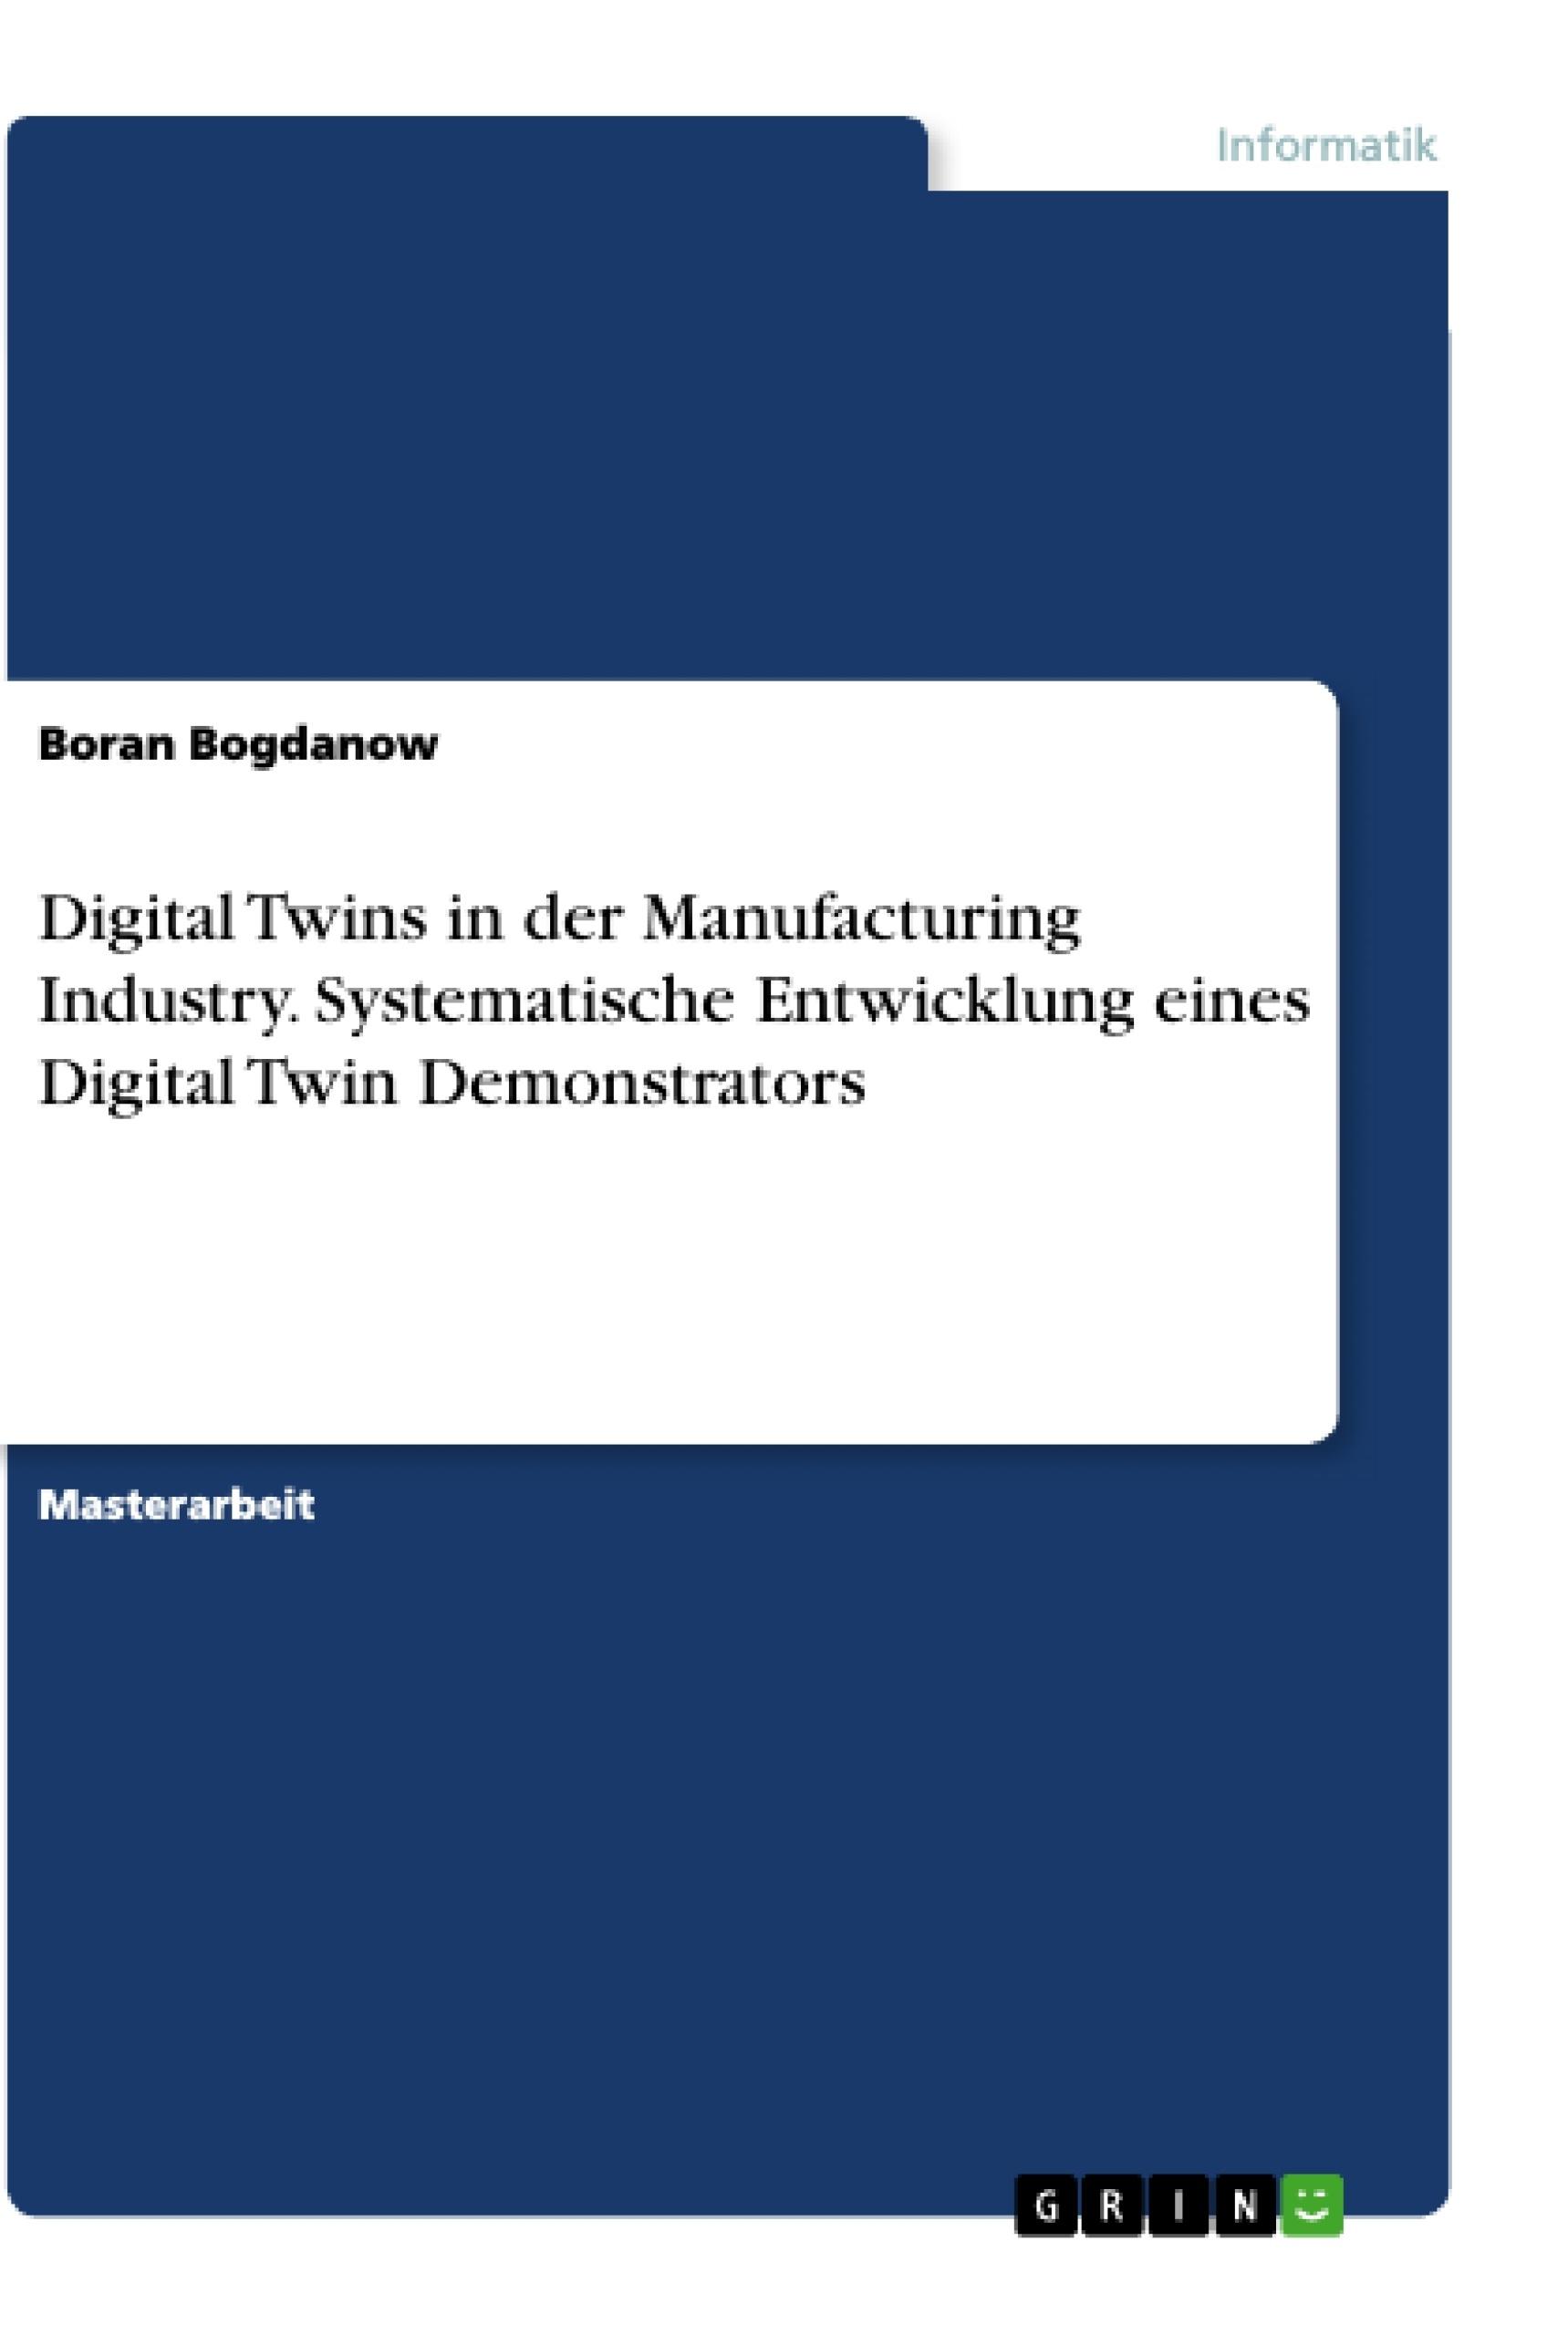 Titel: Digital Twins in der Manufacturing Industry. Systematische Entwicklung eines Digital Twin Demonstrators